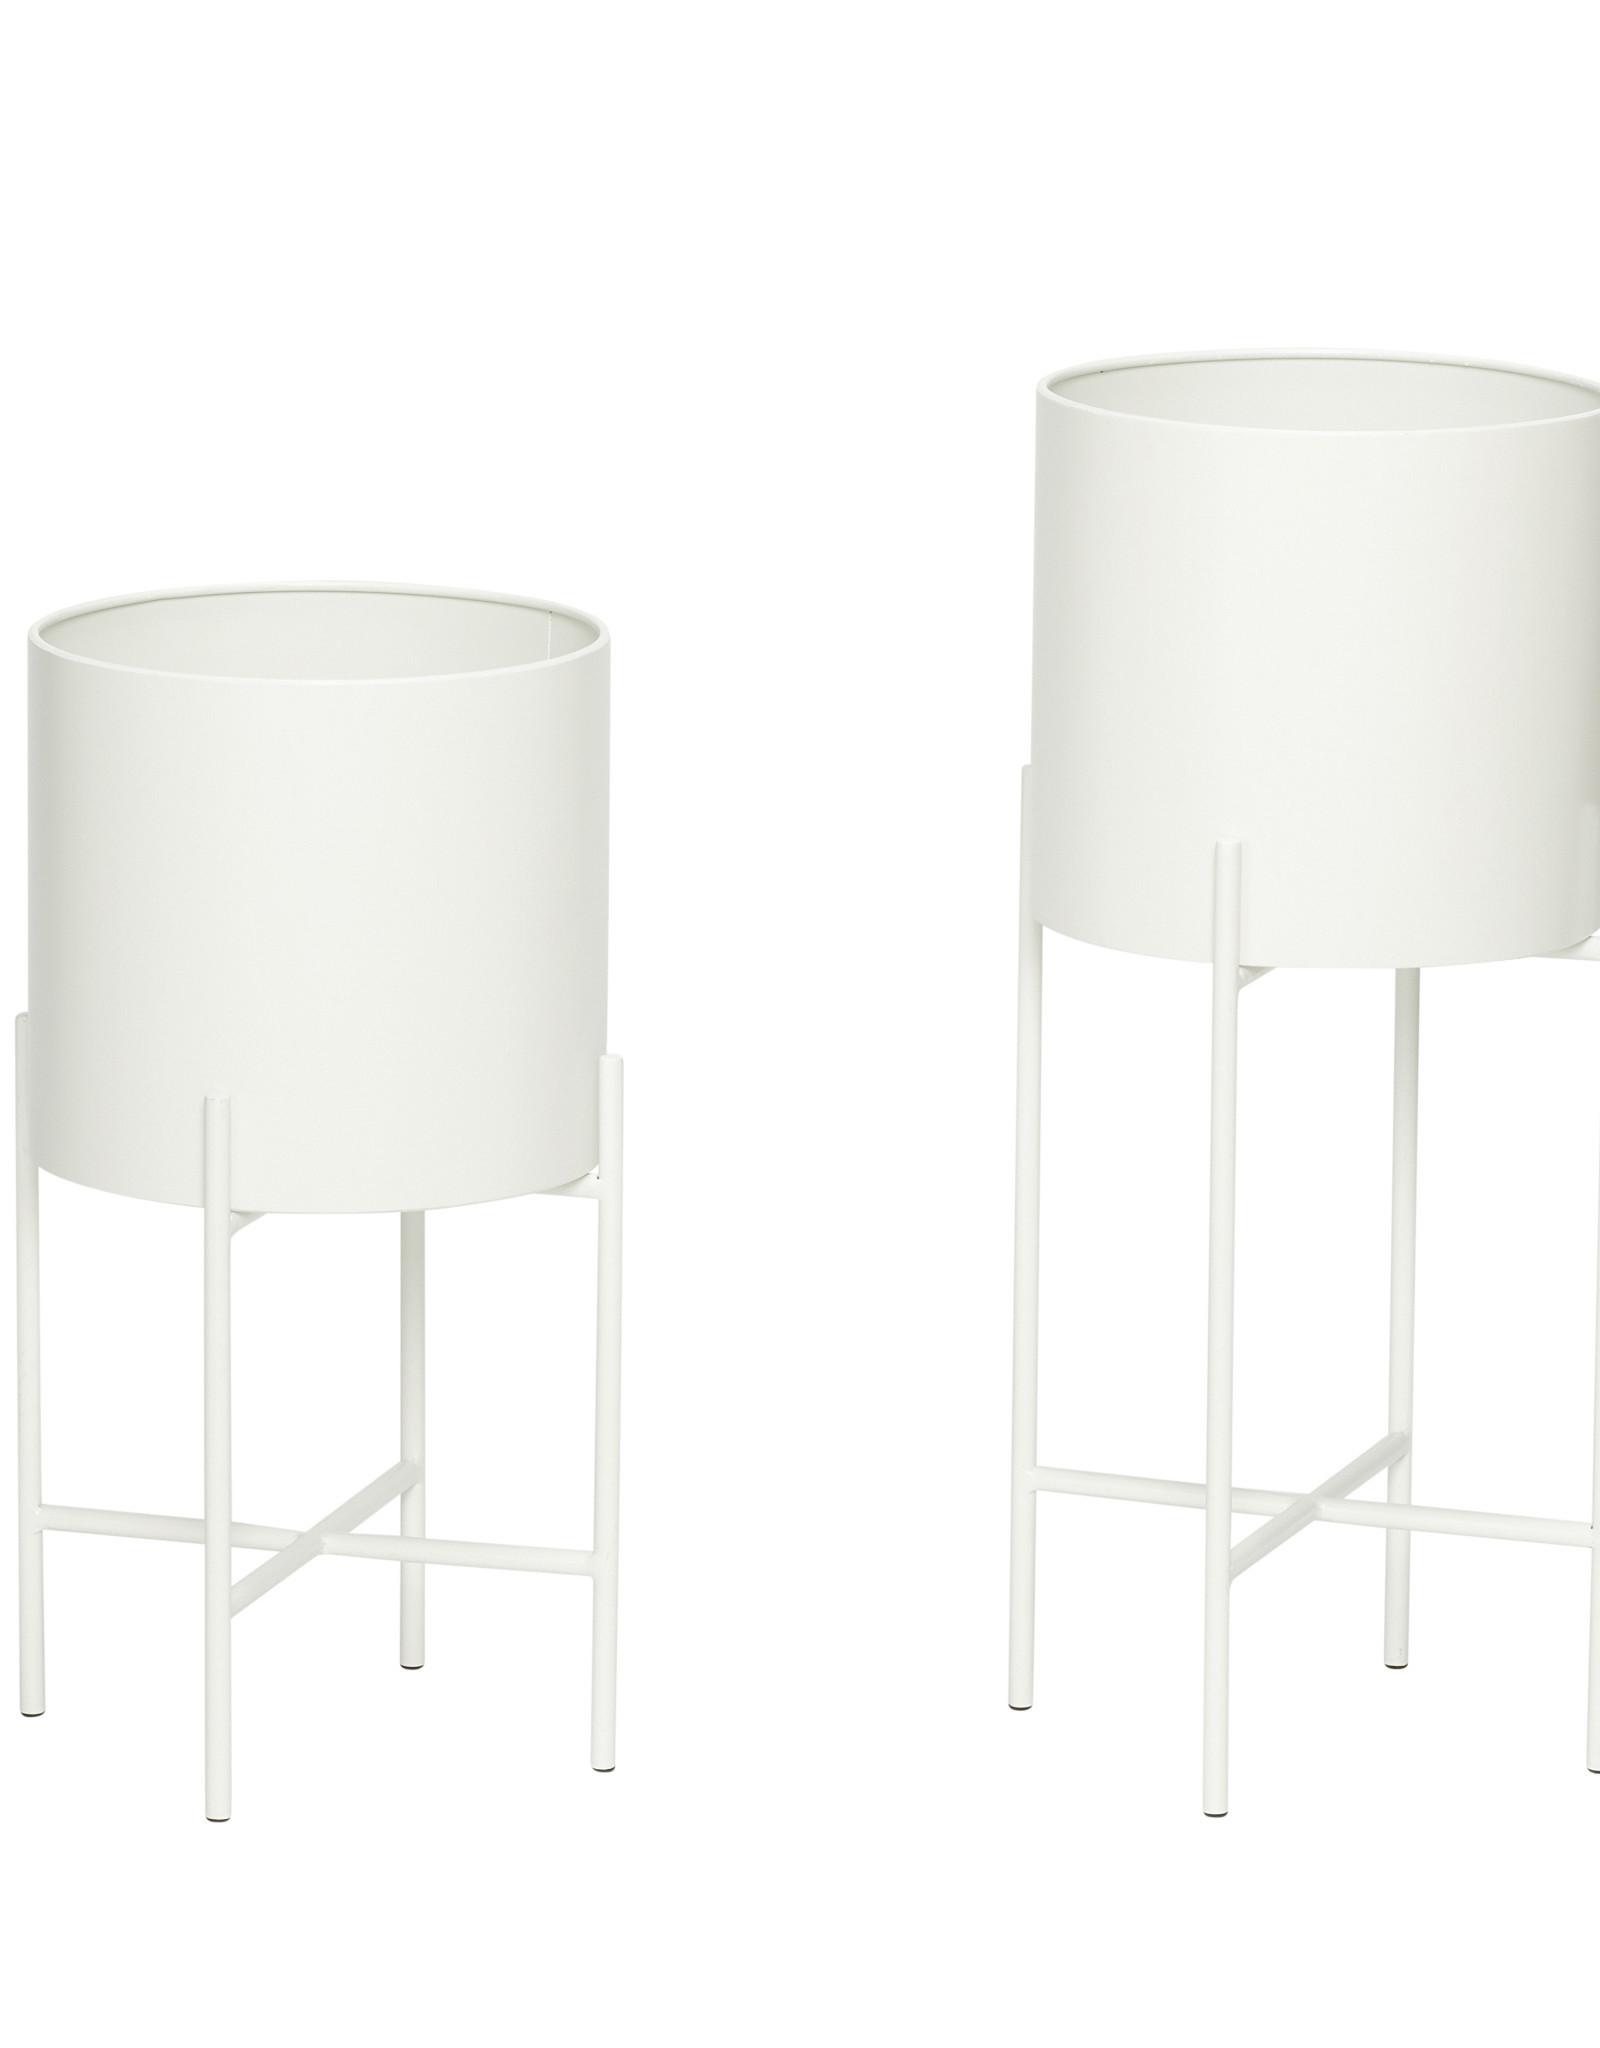 Hübsch White Pot w/ legs Ø23 h45